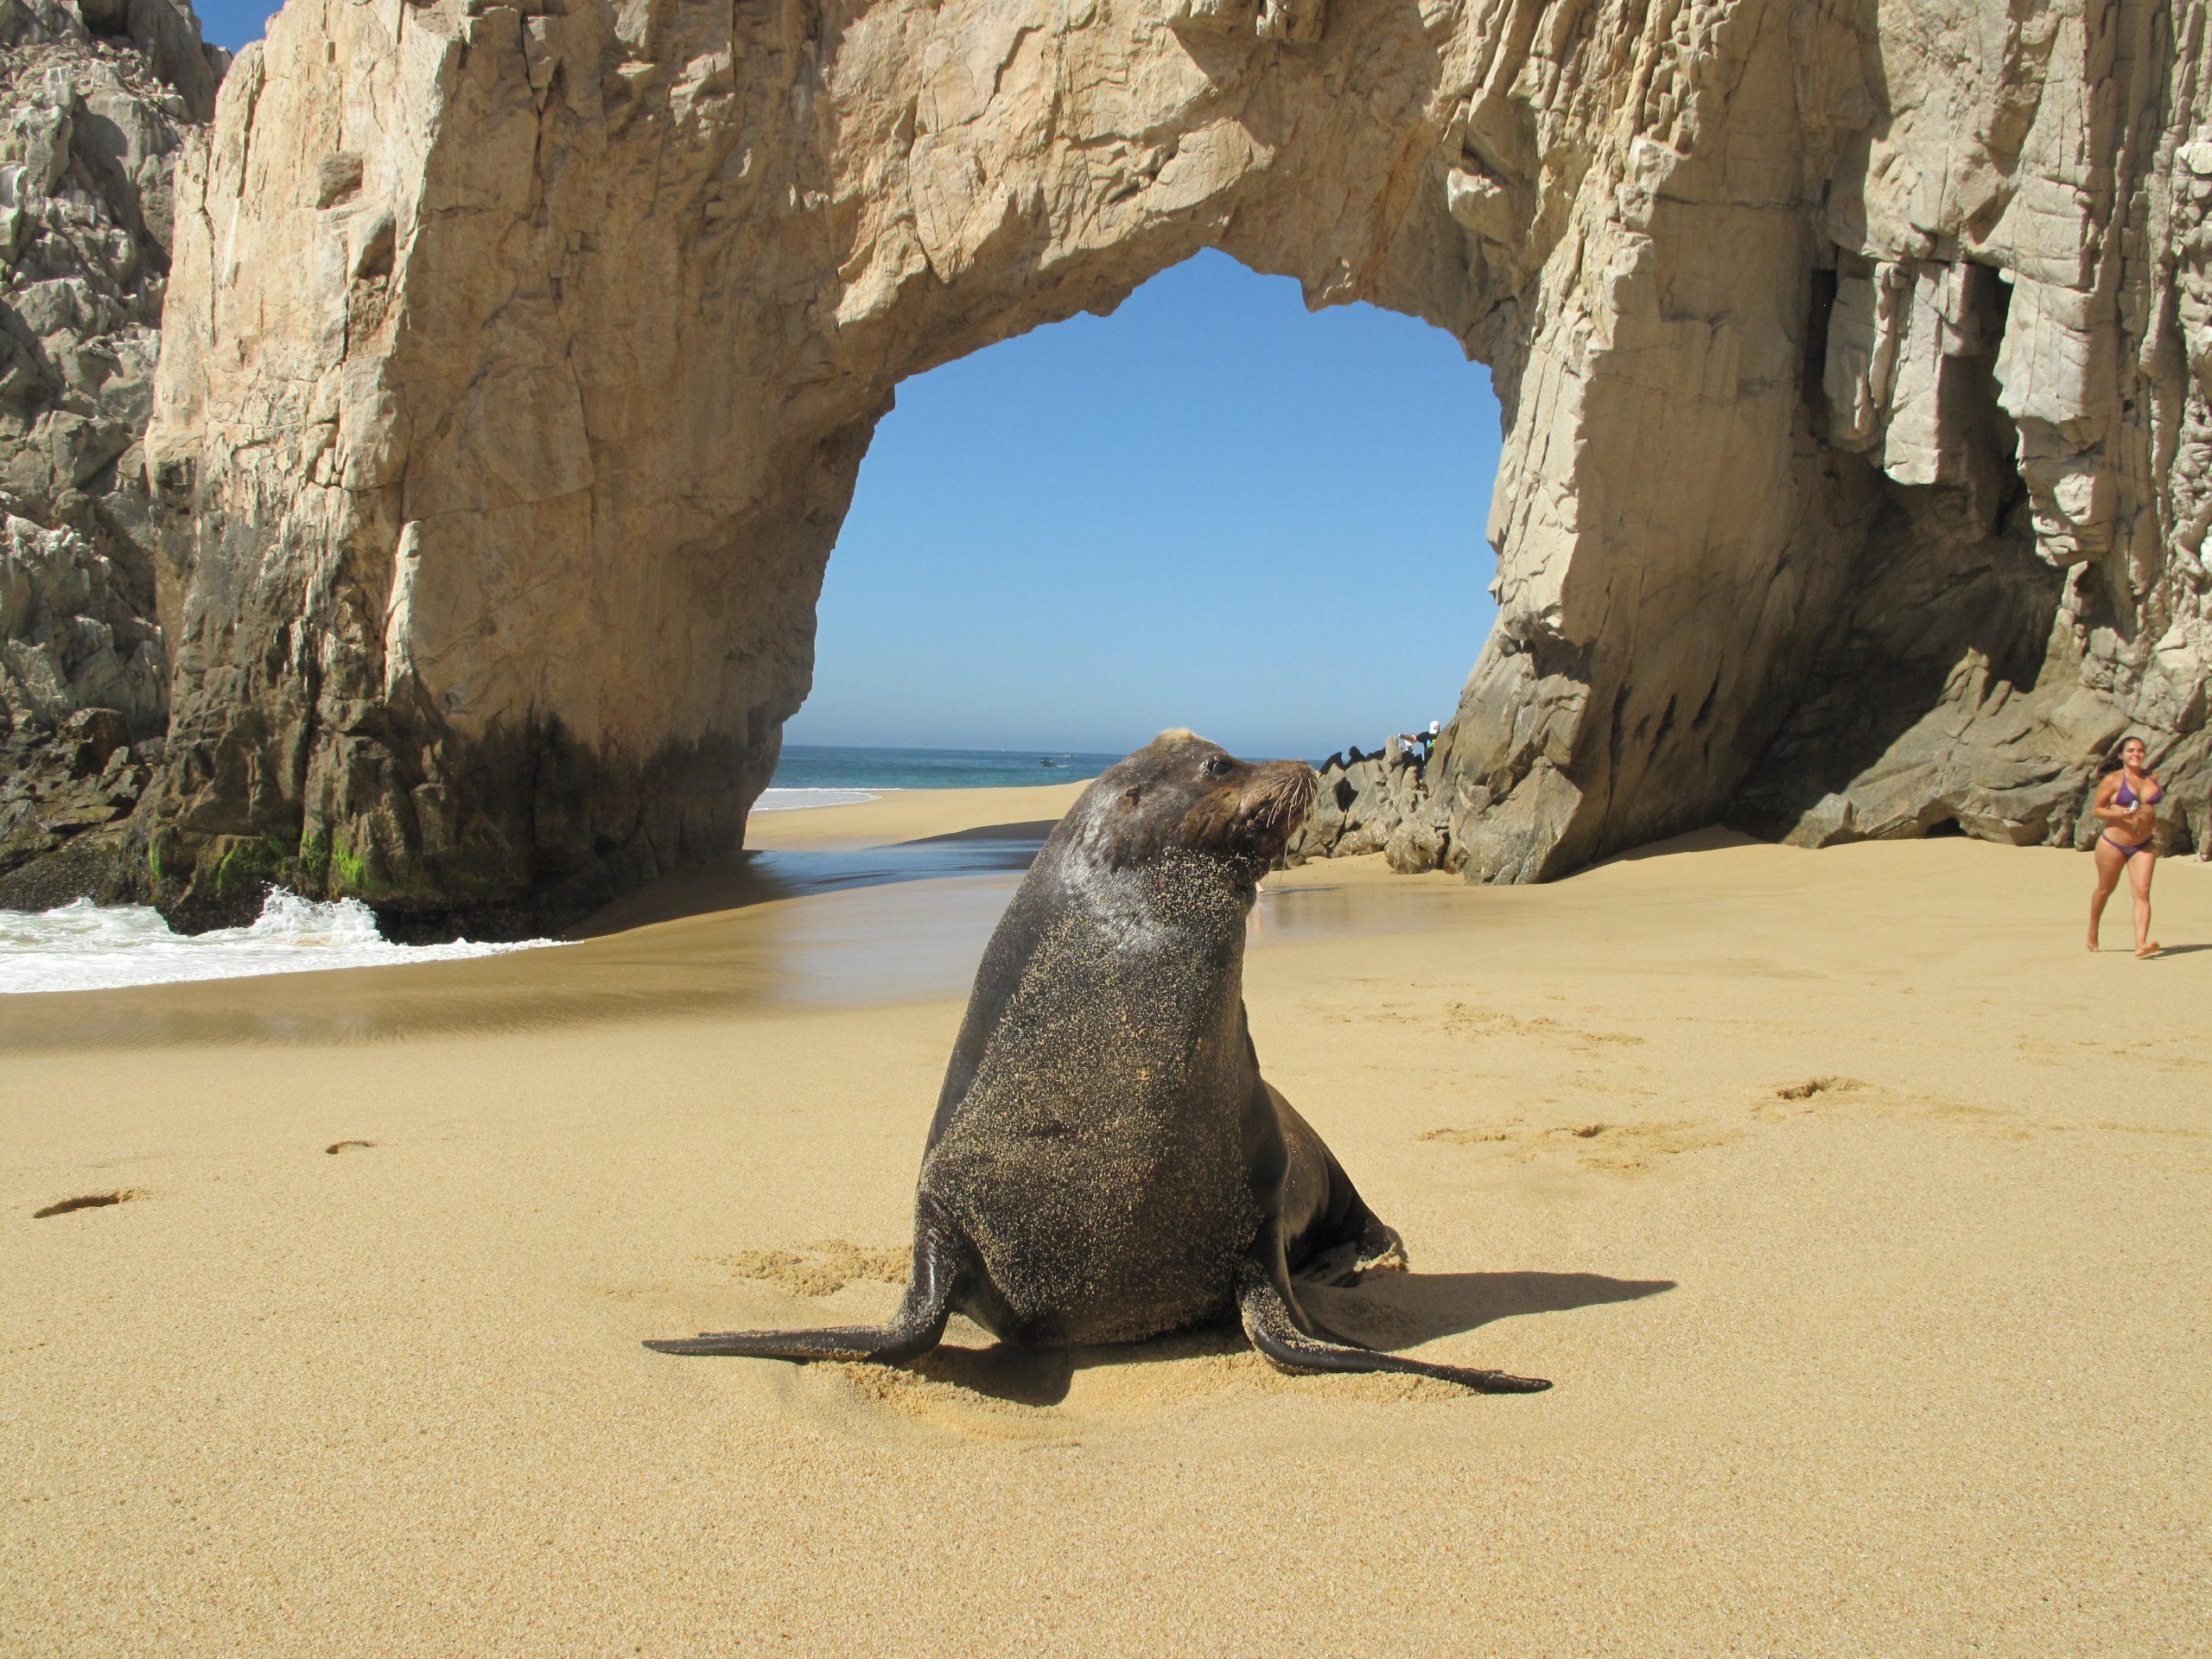 Arch cabo san lucas beach baja california mexico hightide los cabos